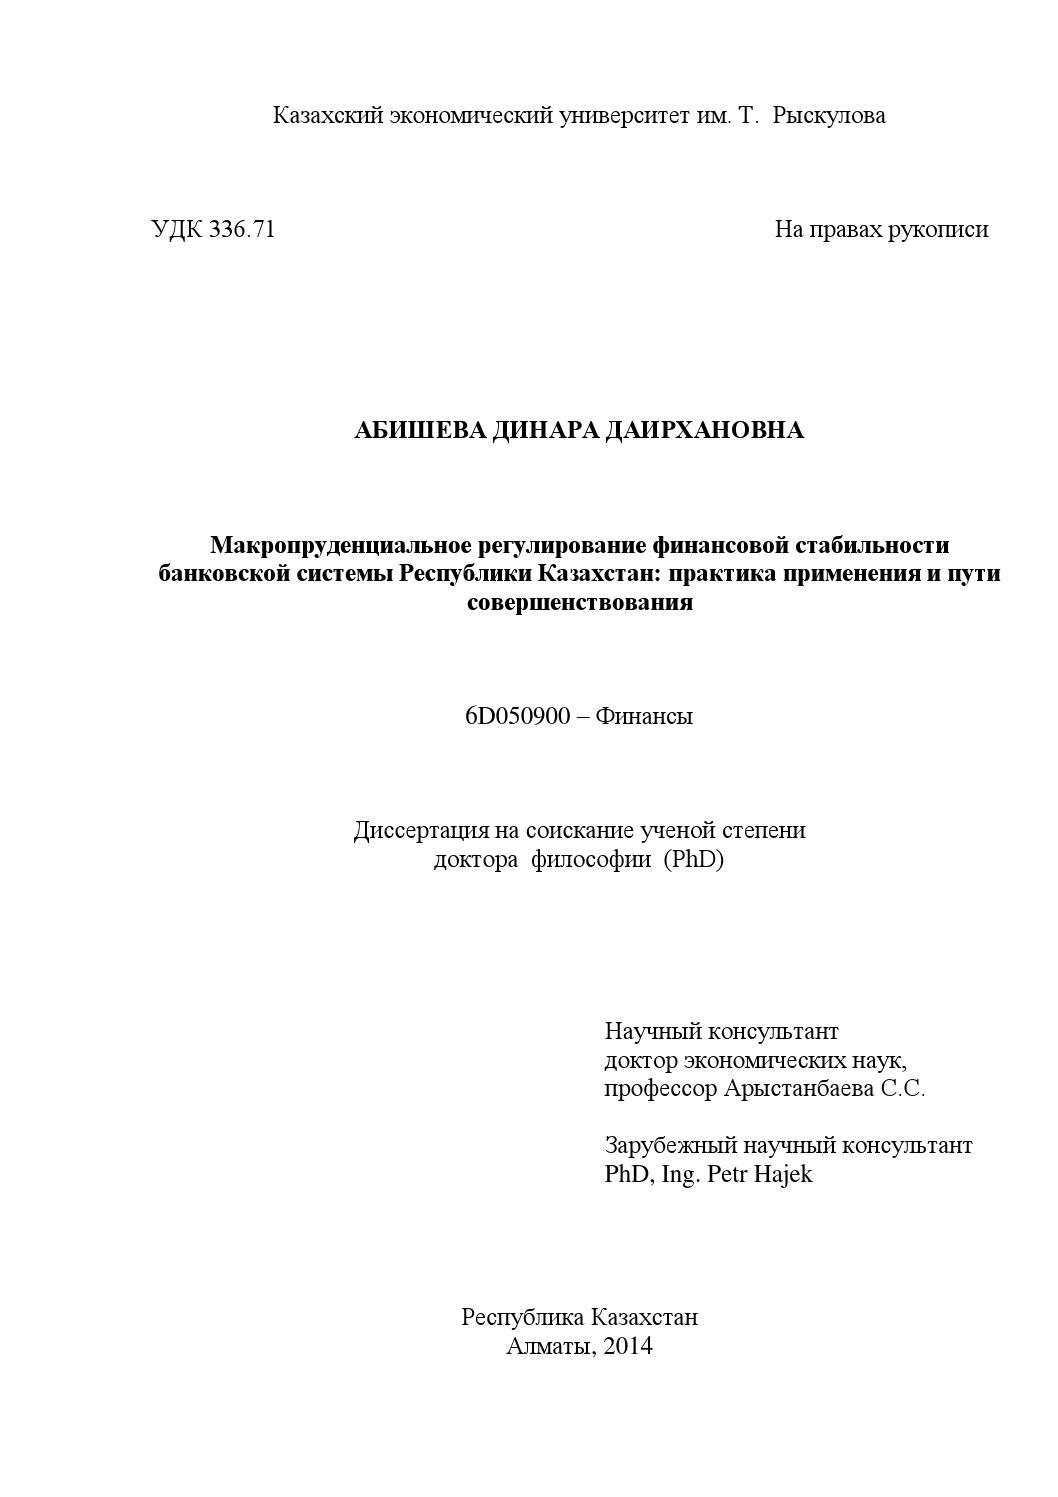 Диссертация абишевой д д by narxoz university issuu